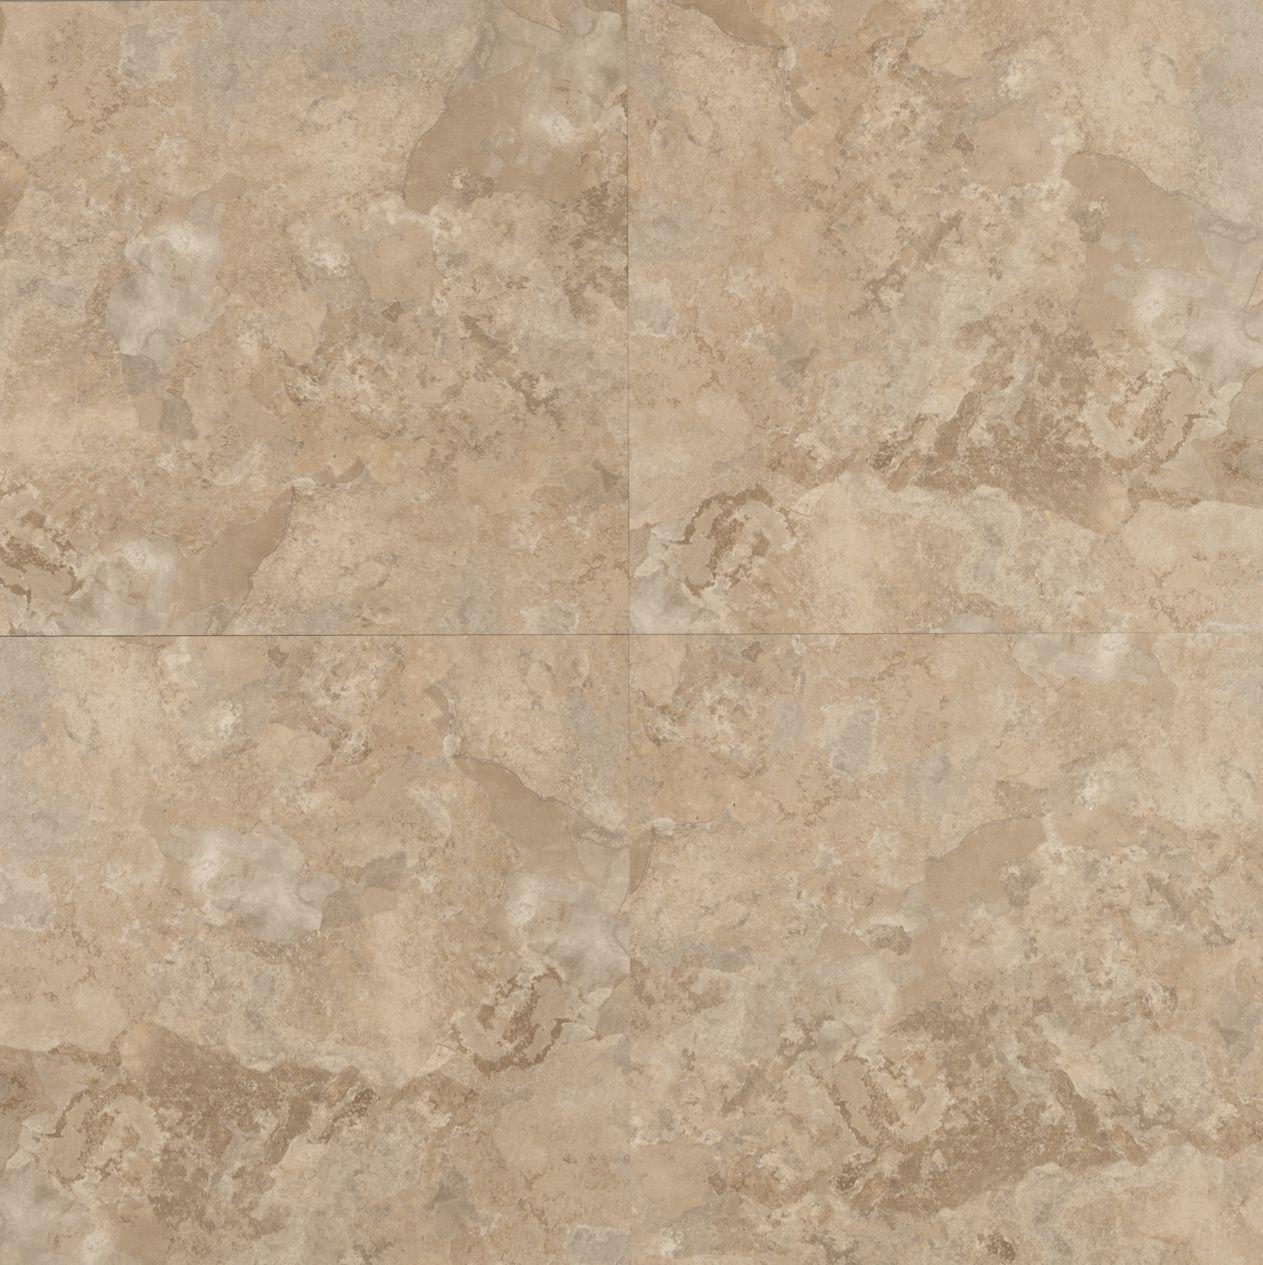 LuxuryVinyl ProspectsTile18x18 C9002-98 Cream